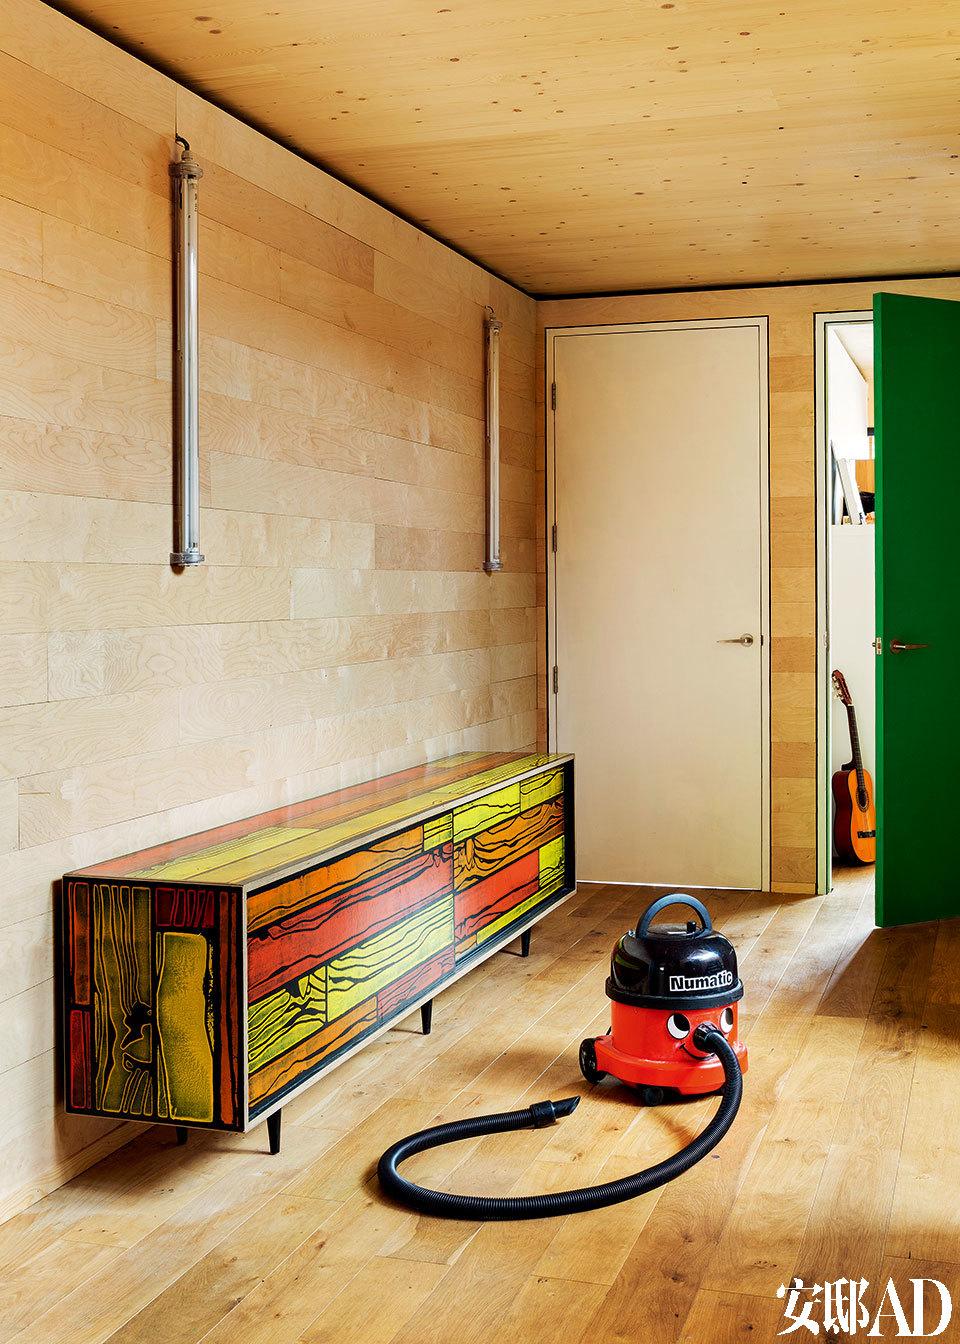 浴室所用的材料和元素都强调着工业特质,镜子里映出通向楼上的彩色木质阶梯,十分俏皮。圆形天窗则带入柔和的自然光线。